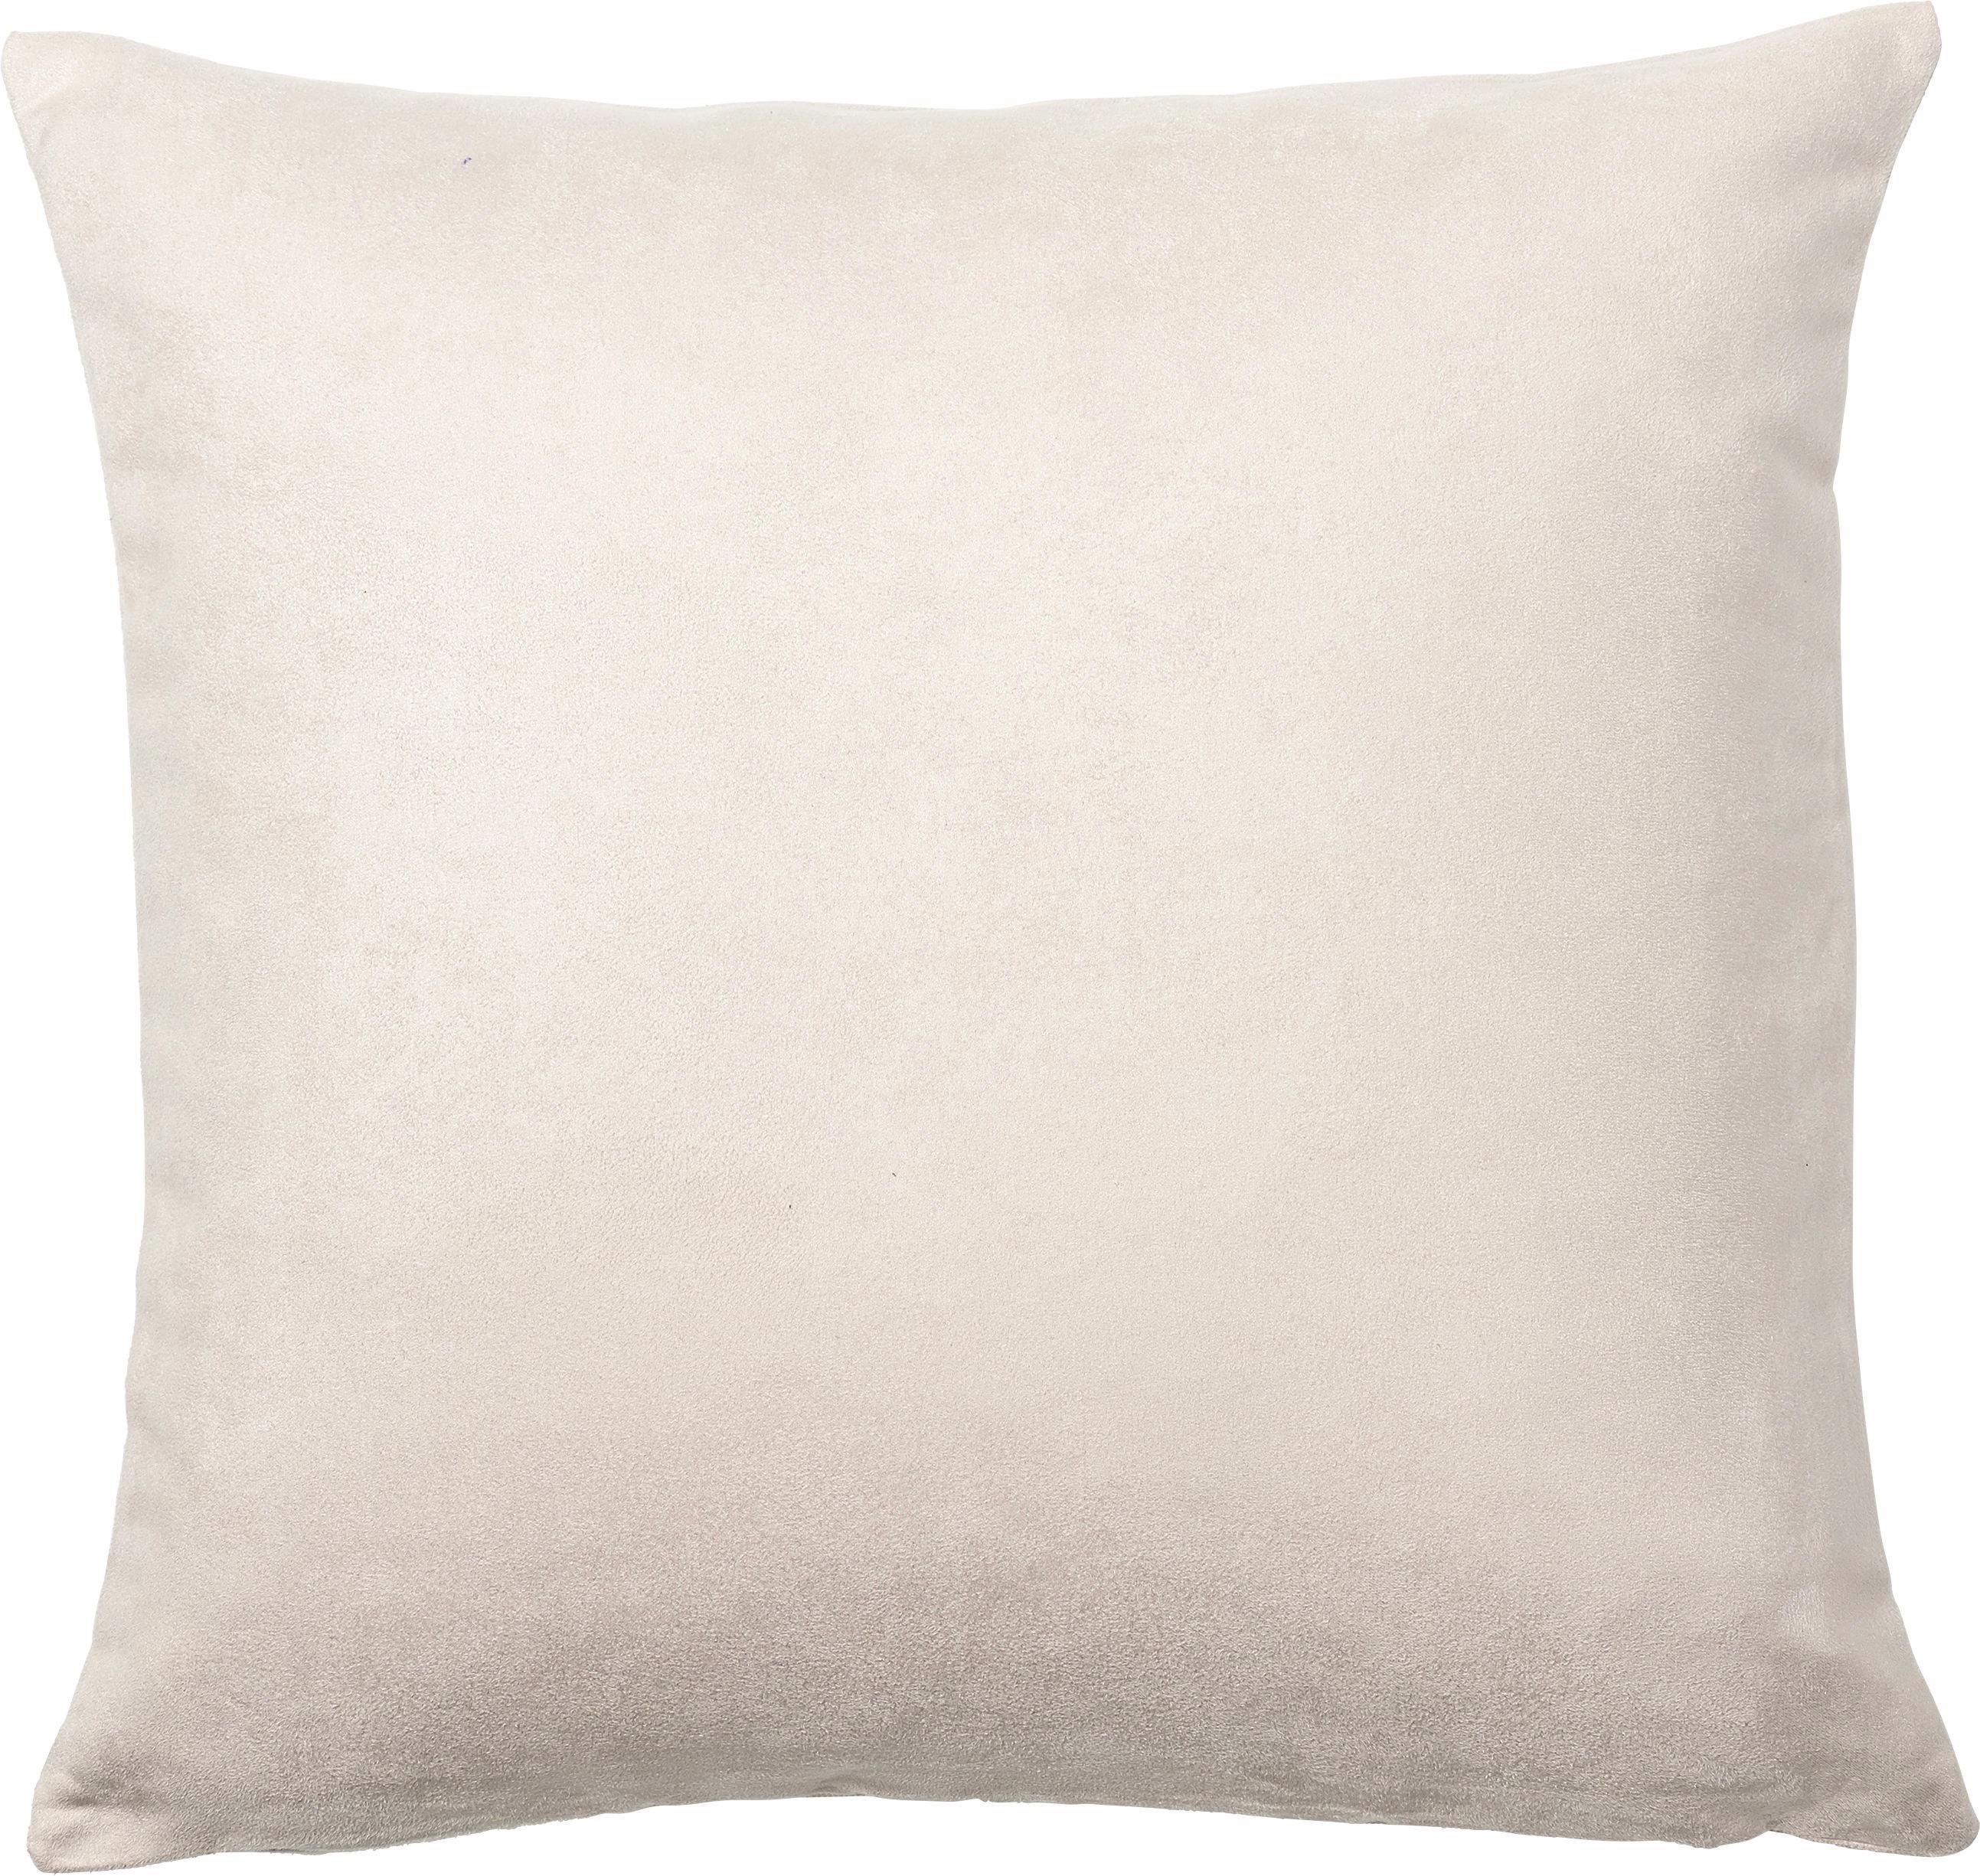 KISSENHÜLLE 40/40 cm - Creme, Basics, Textil (40/40cm) - NOVEL